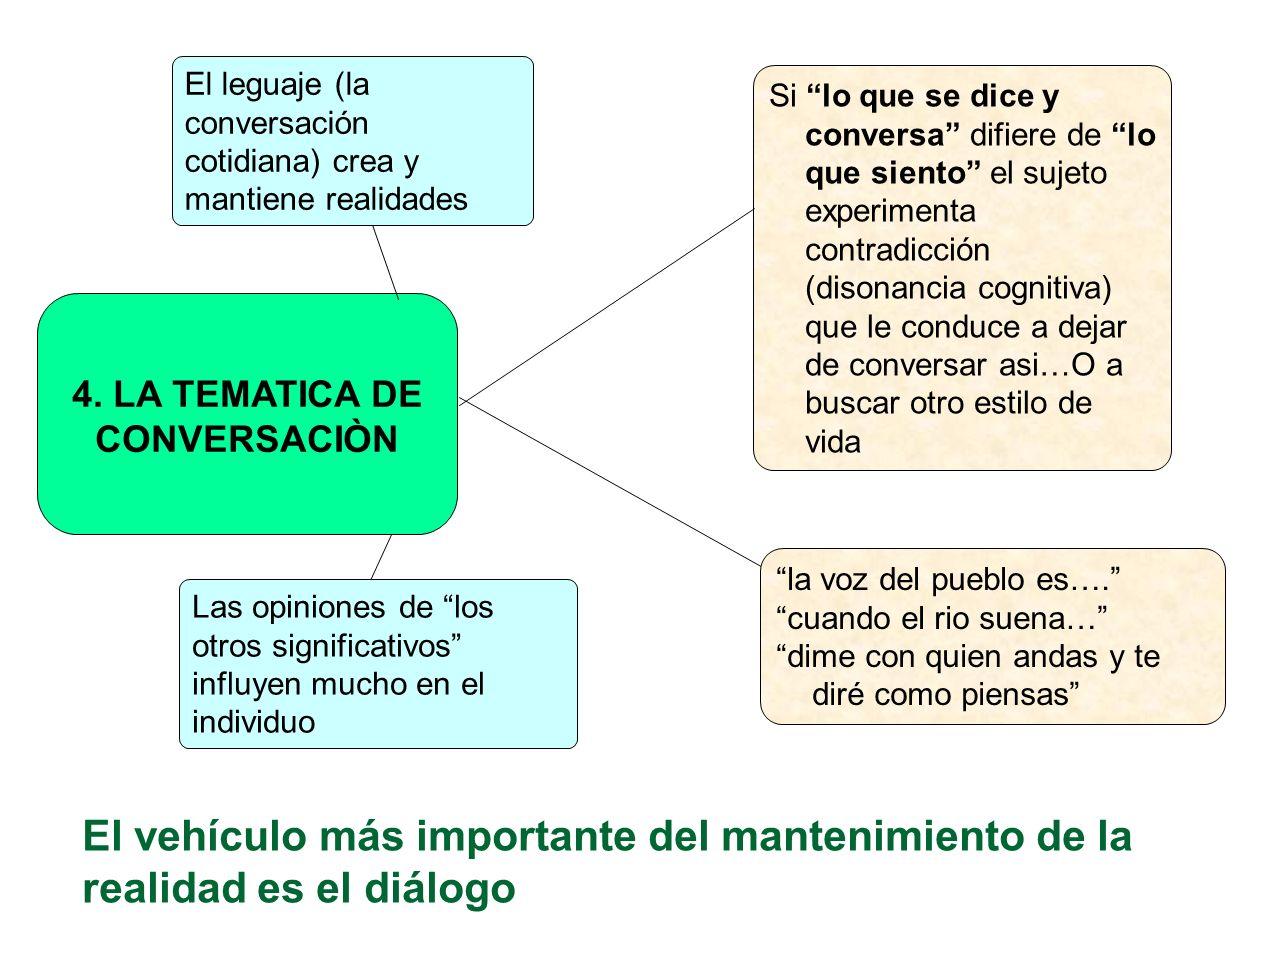 4. LA TEMATICA DE CONVERSACIÒN